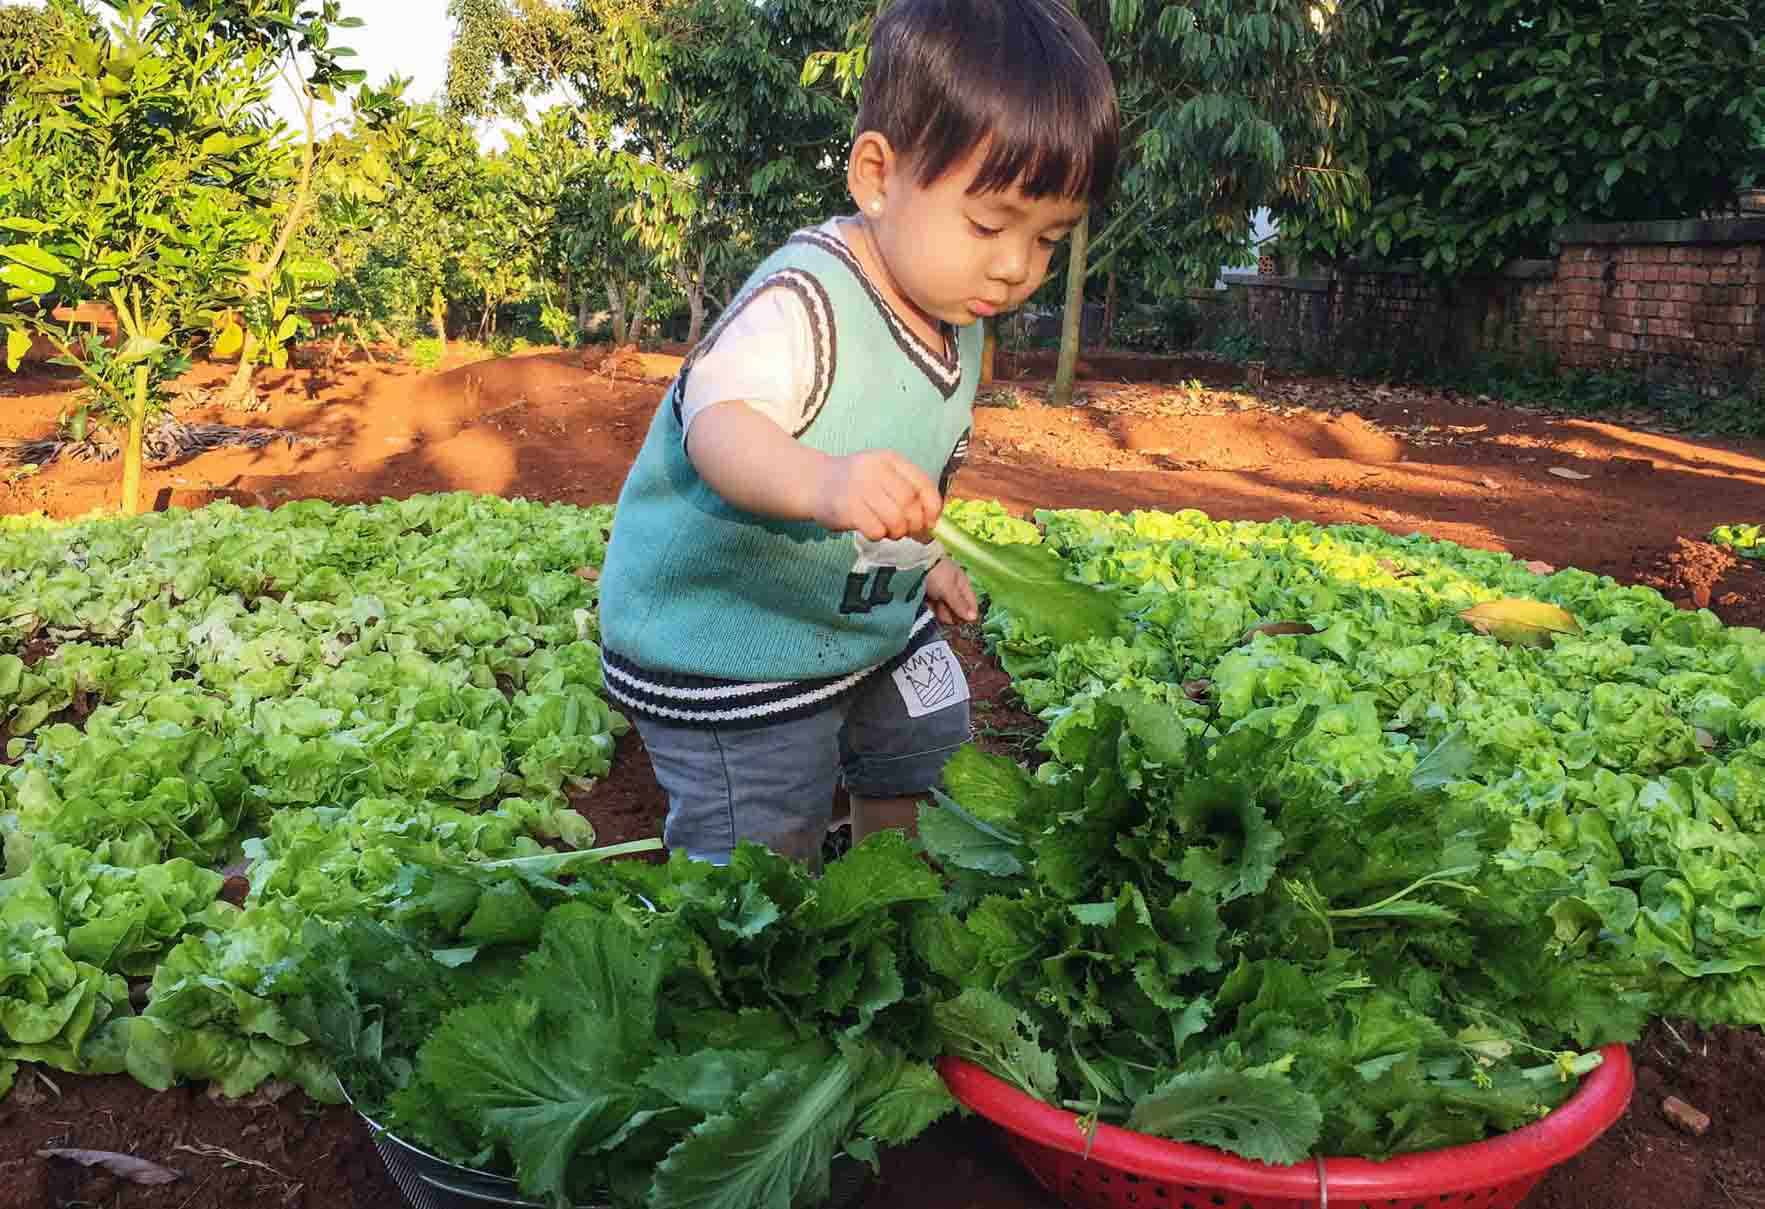 """Cầm 200 triệu đồng """"bỏ phố về quê"""", 9X thành nông dân chăm vườn rau trái ai nhìn cũng mê - 12"""